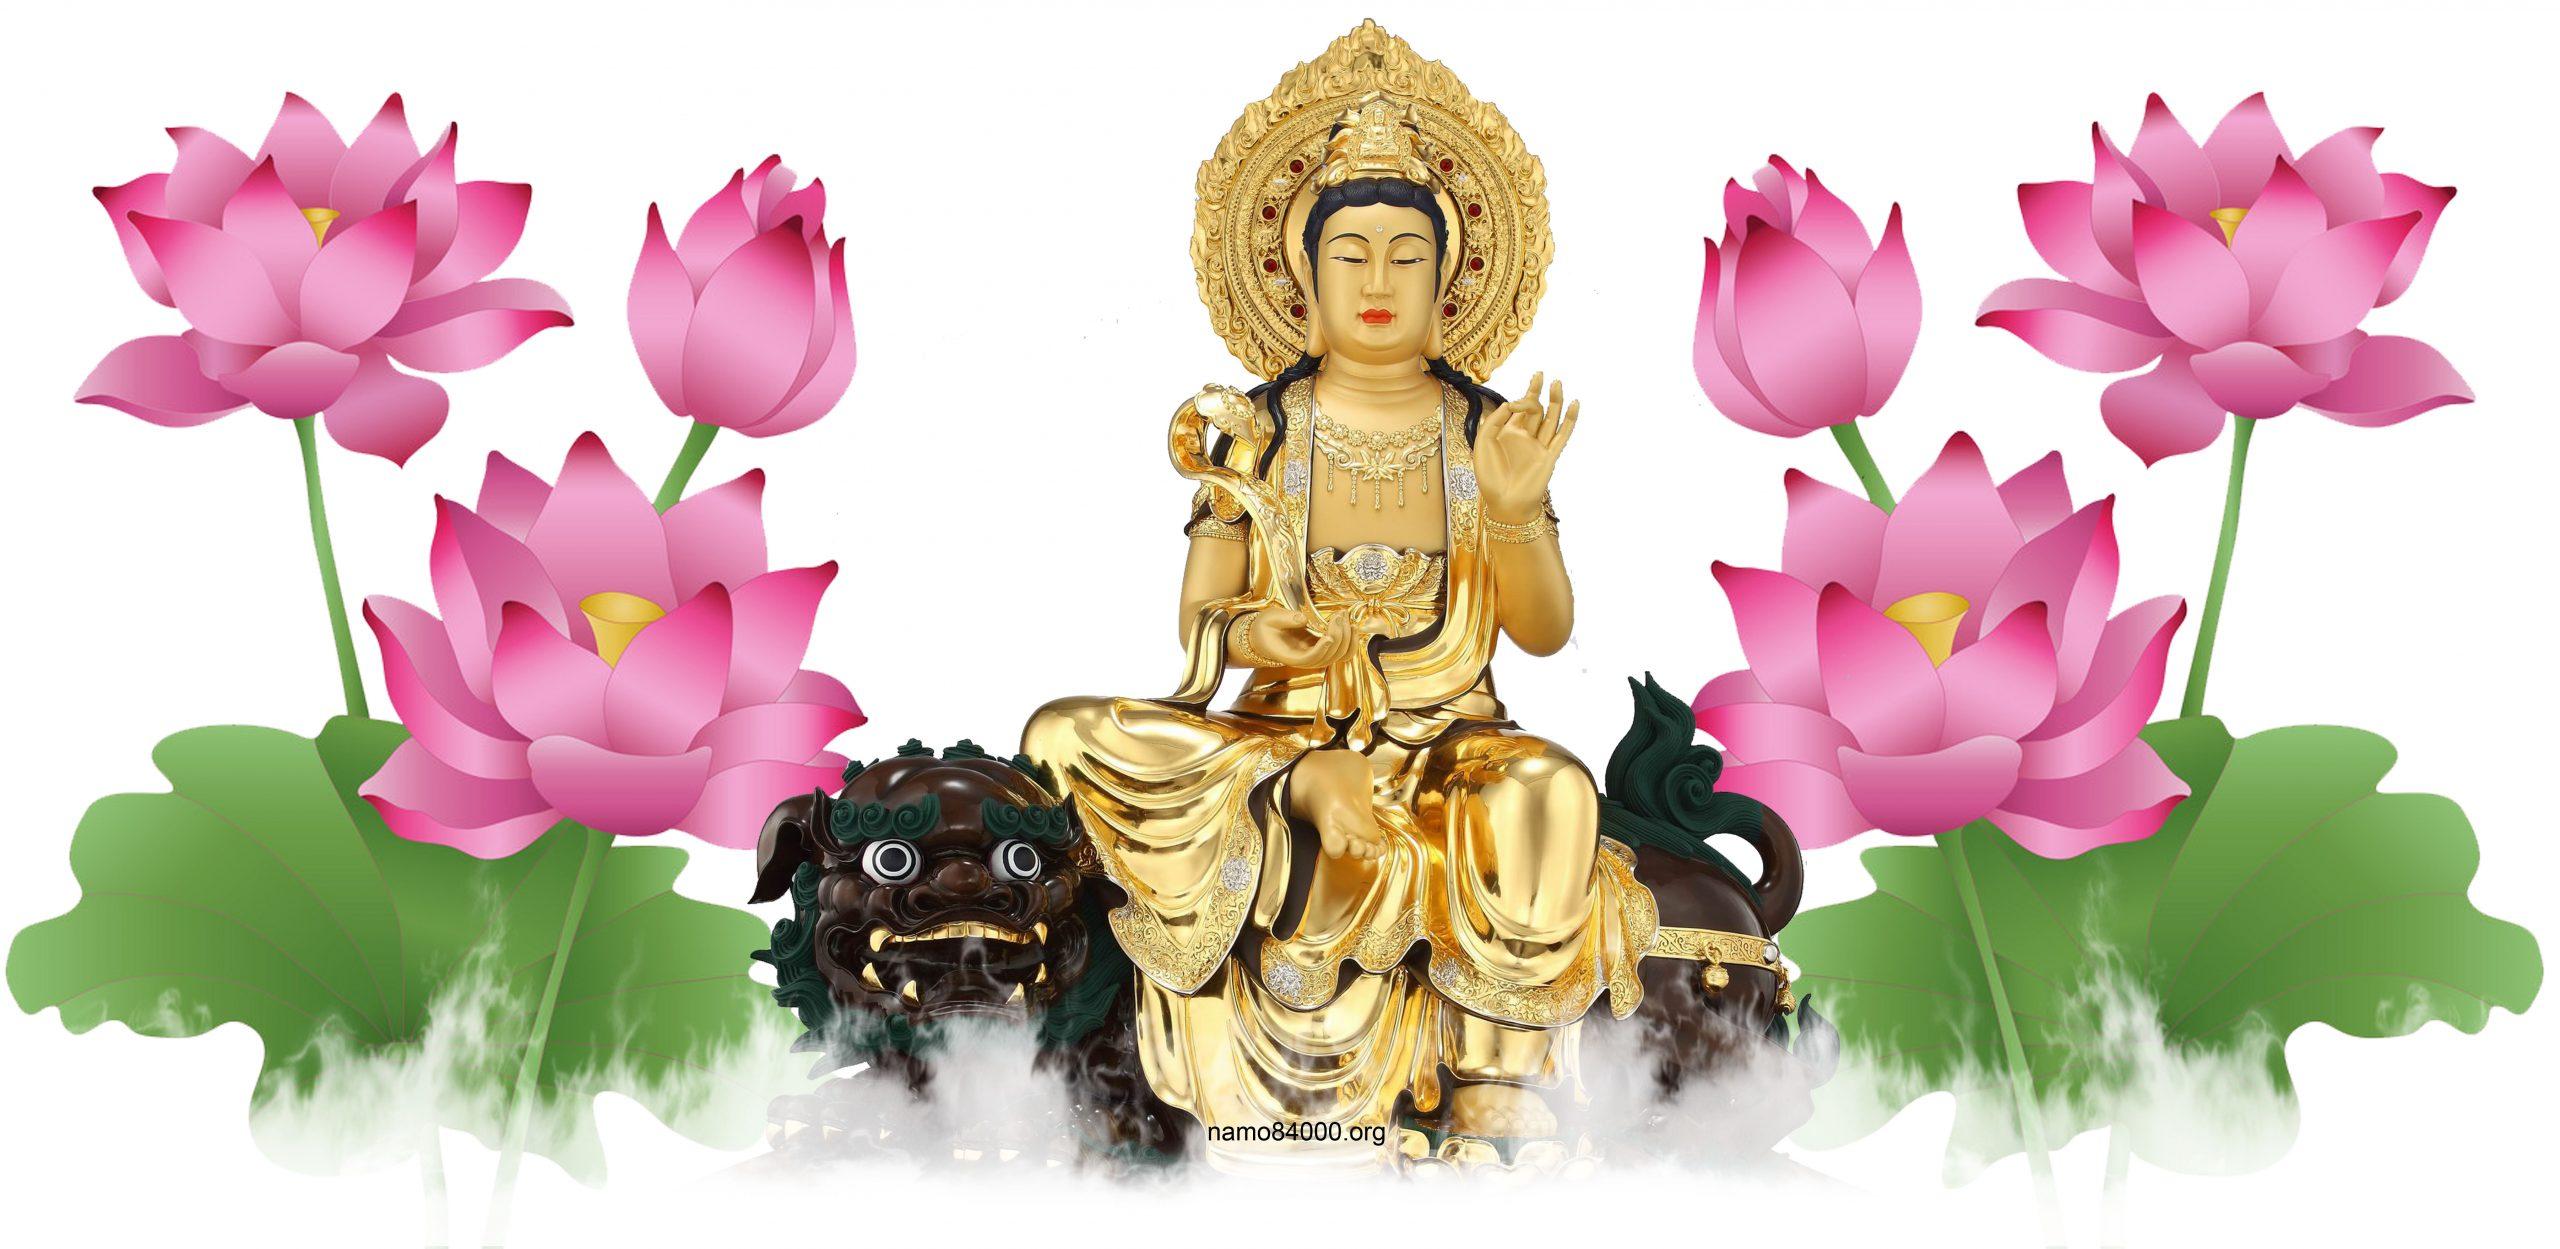 Văn Thù Sư Lợi Bồ tát – Mañjuśrī – 文殊師利菩薩